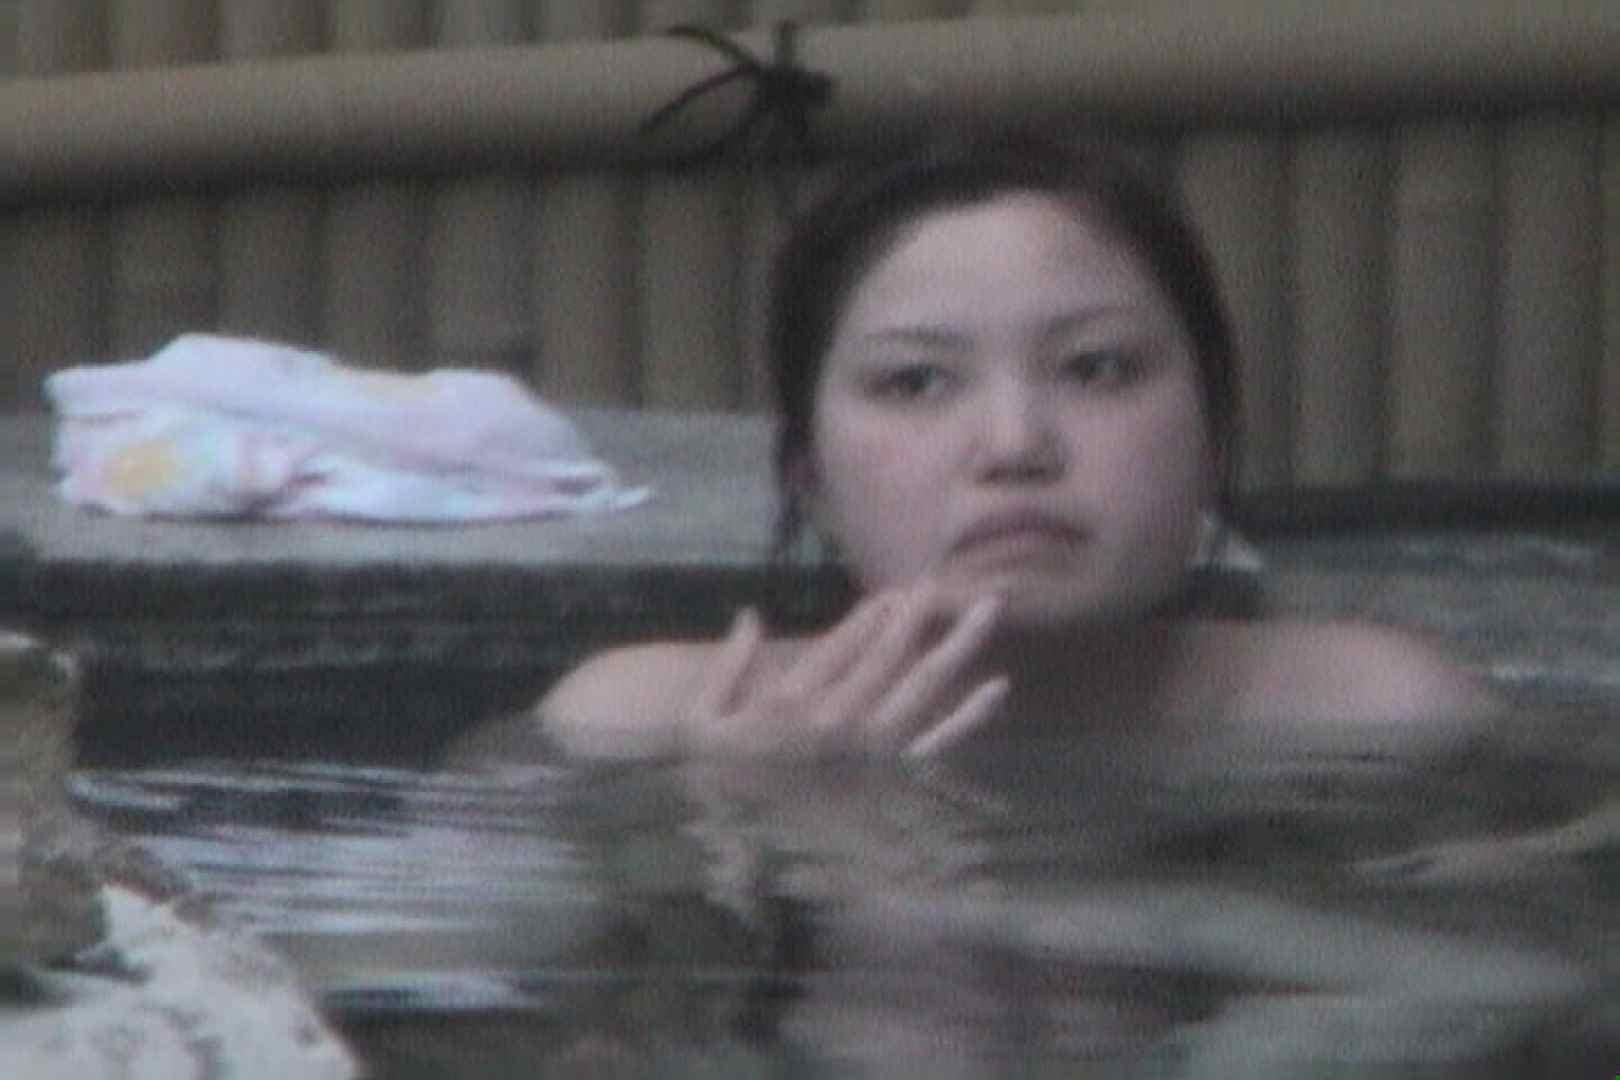 Aquaな露天風呂Vol.602 盗撮師作品 | 美しいOLの裸体  98pic 76